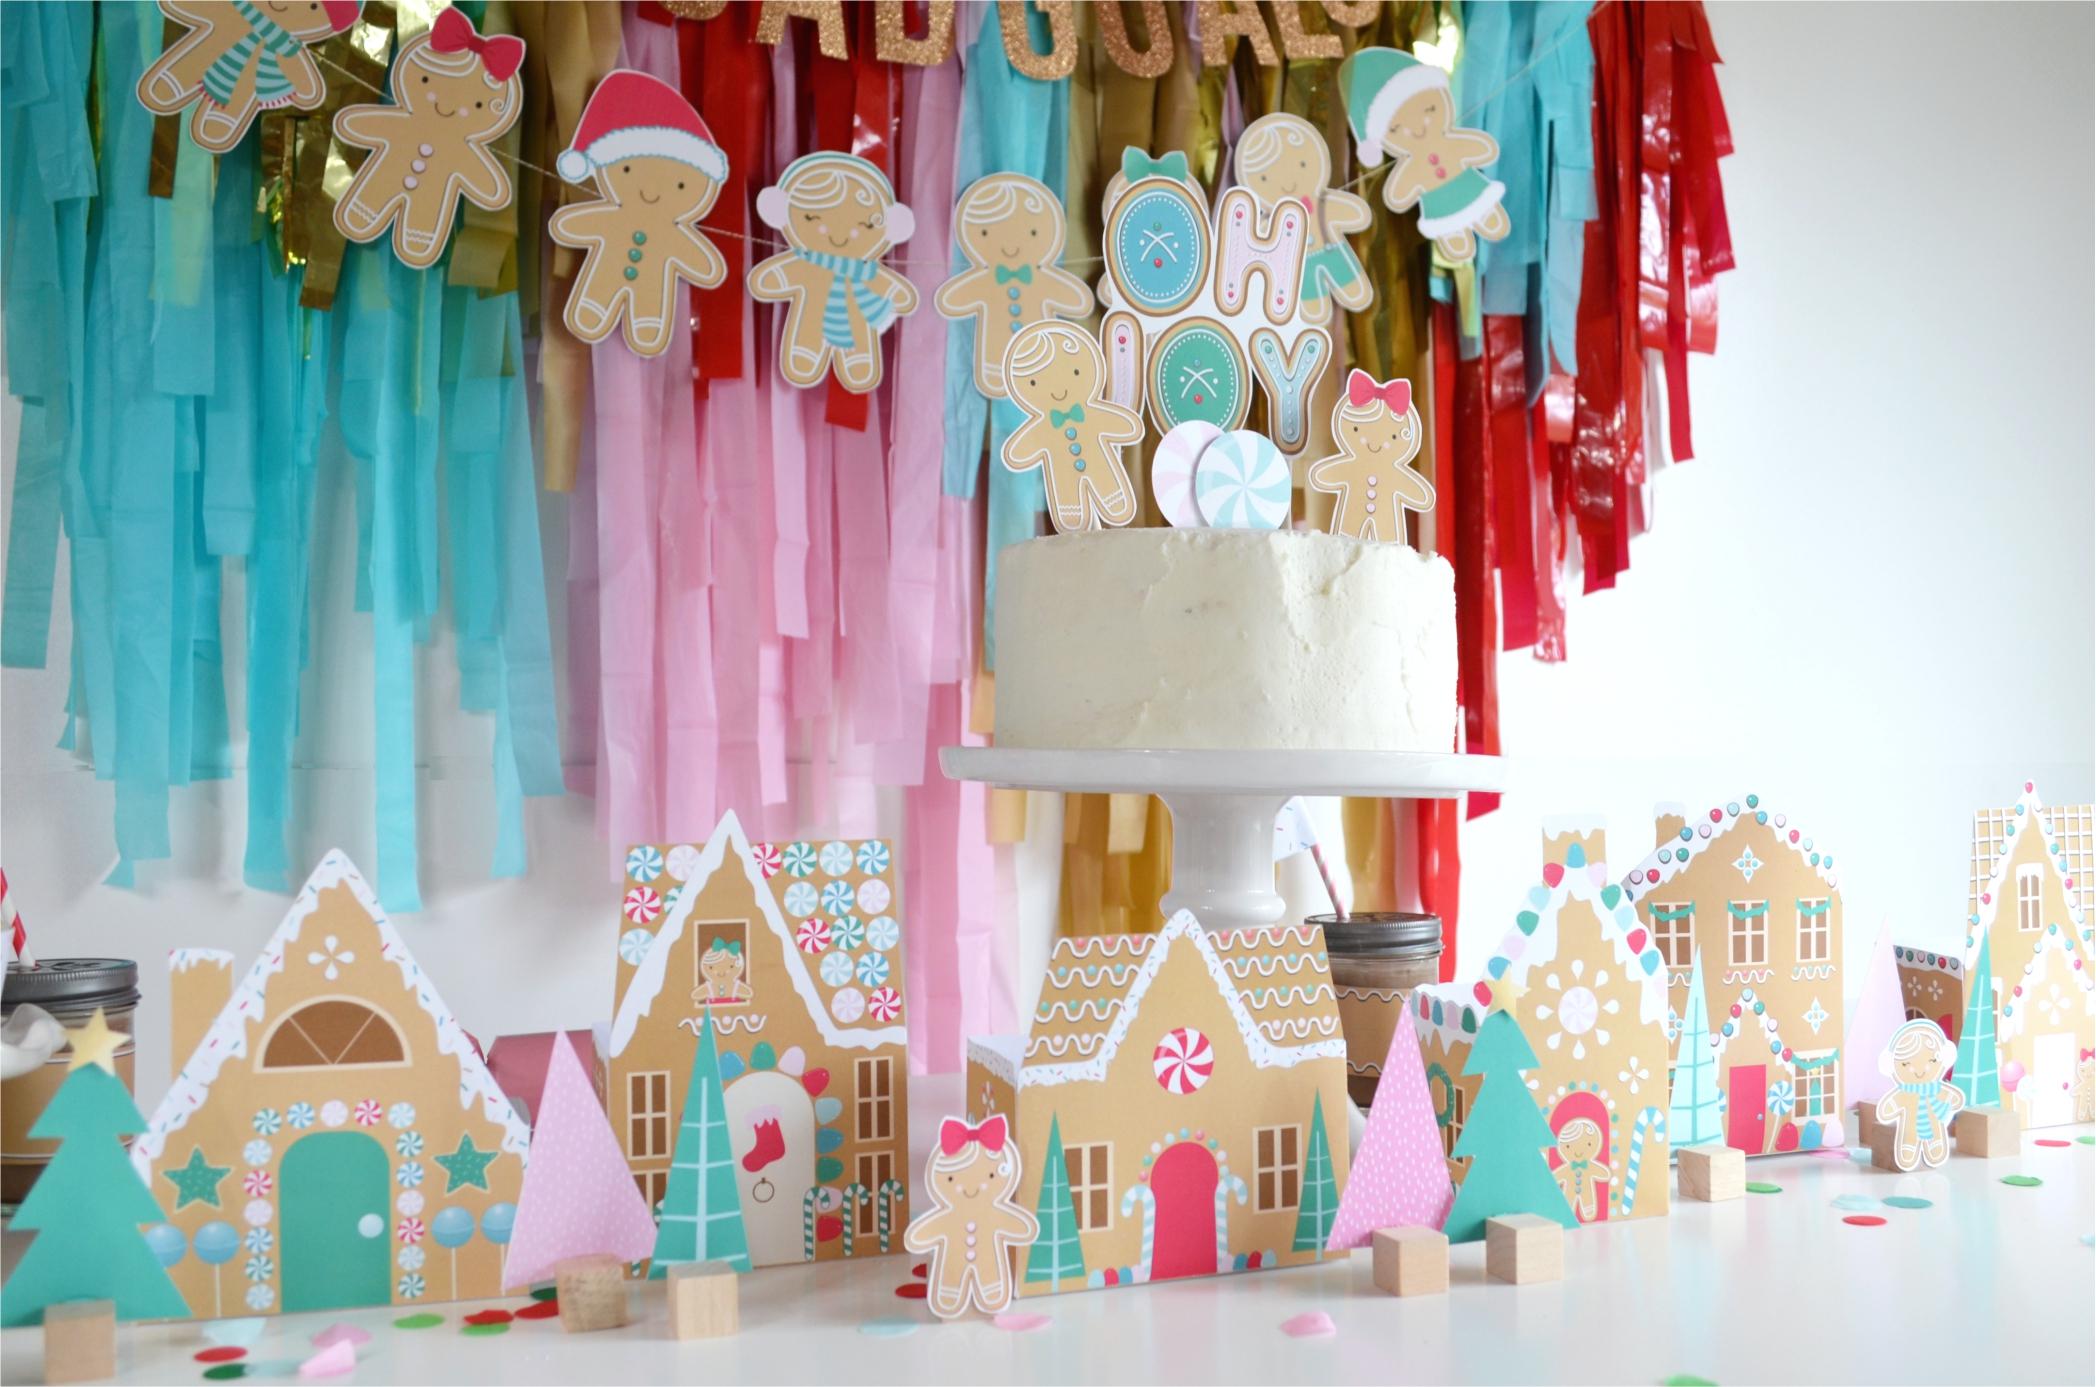 Gingerbread Christmas Party | NestlingDesign.com